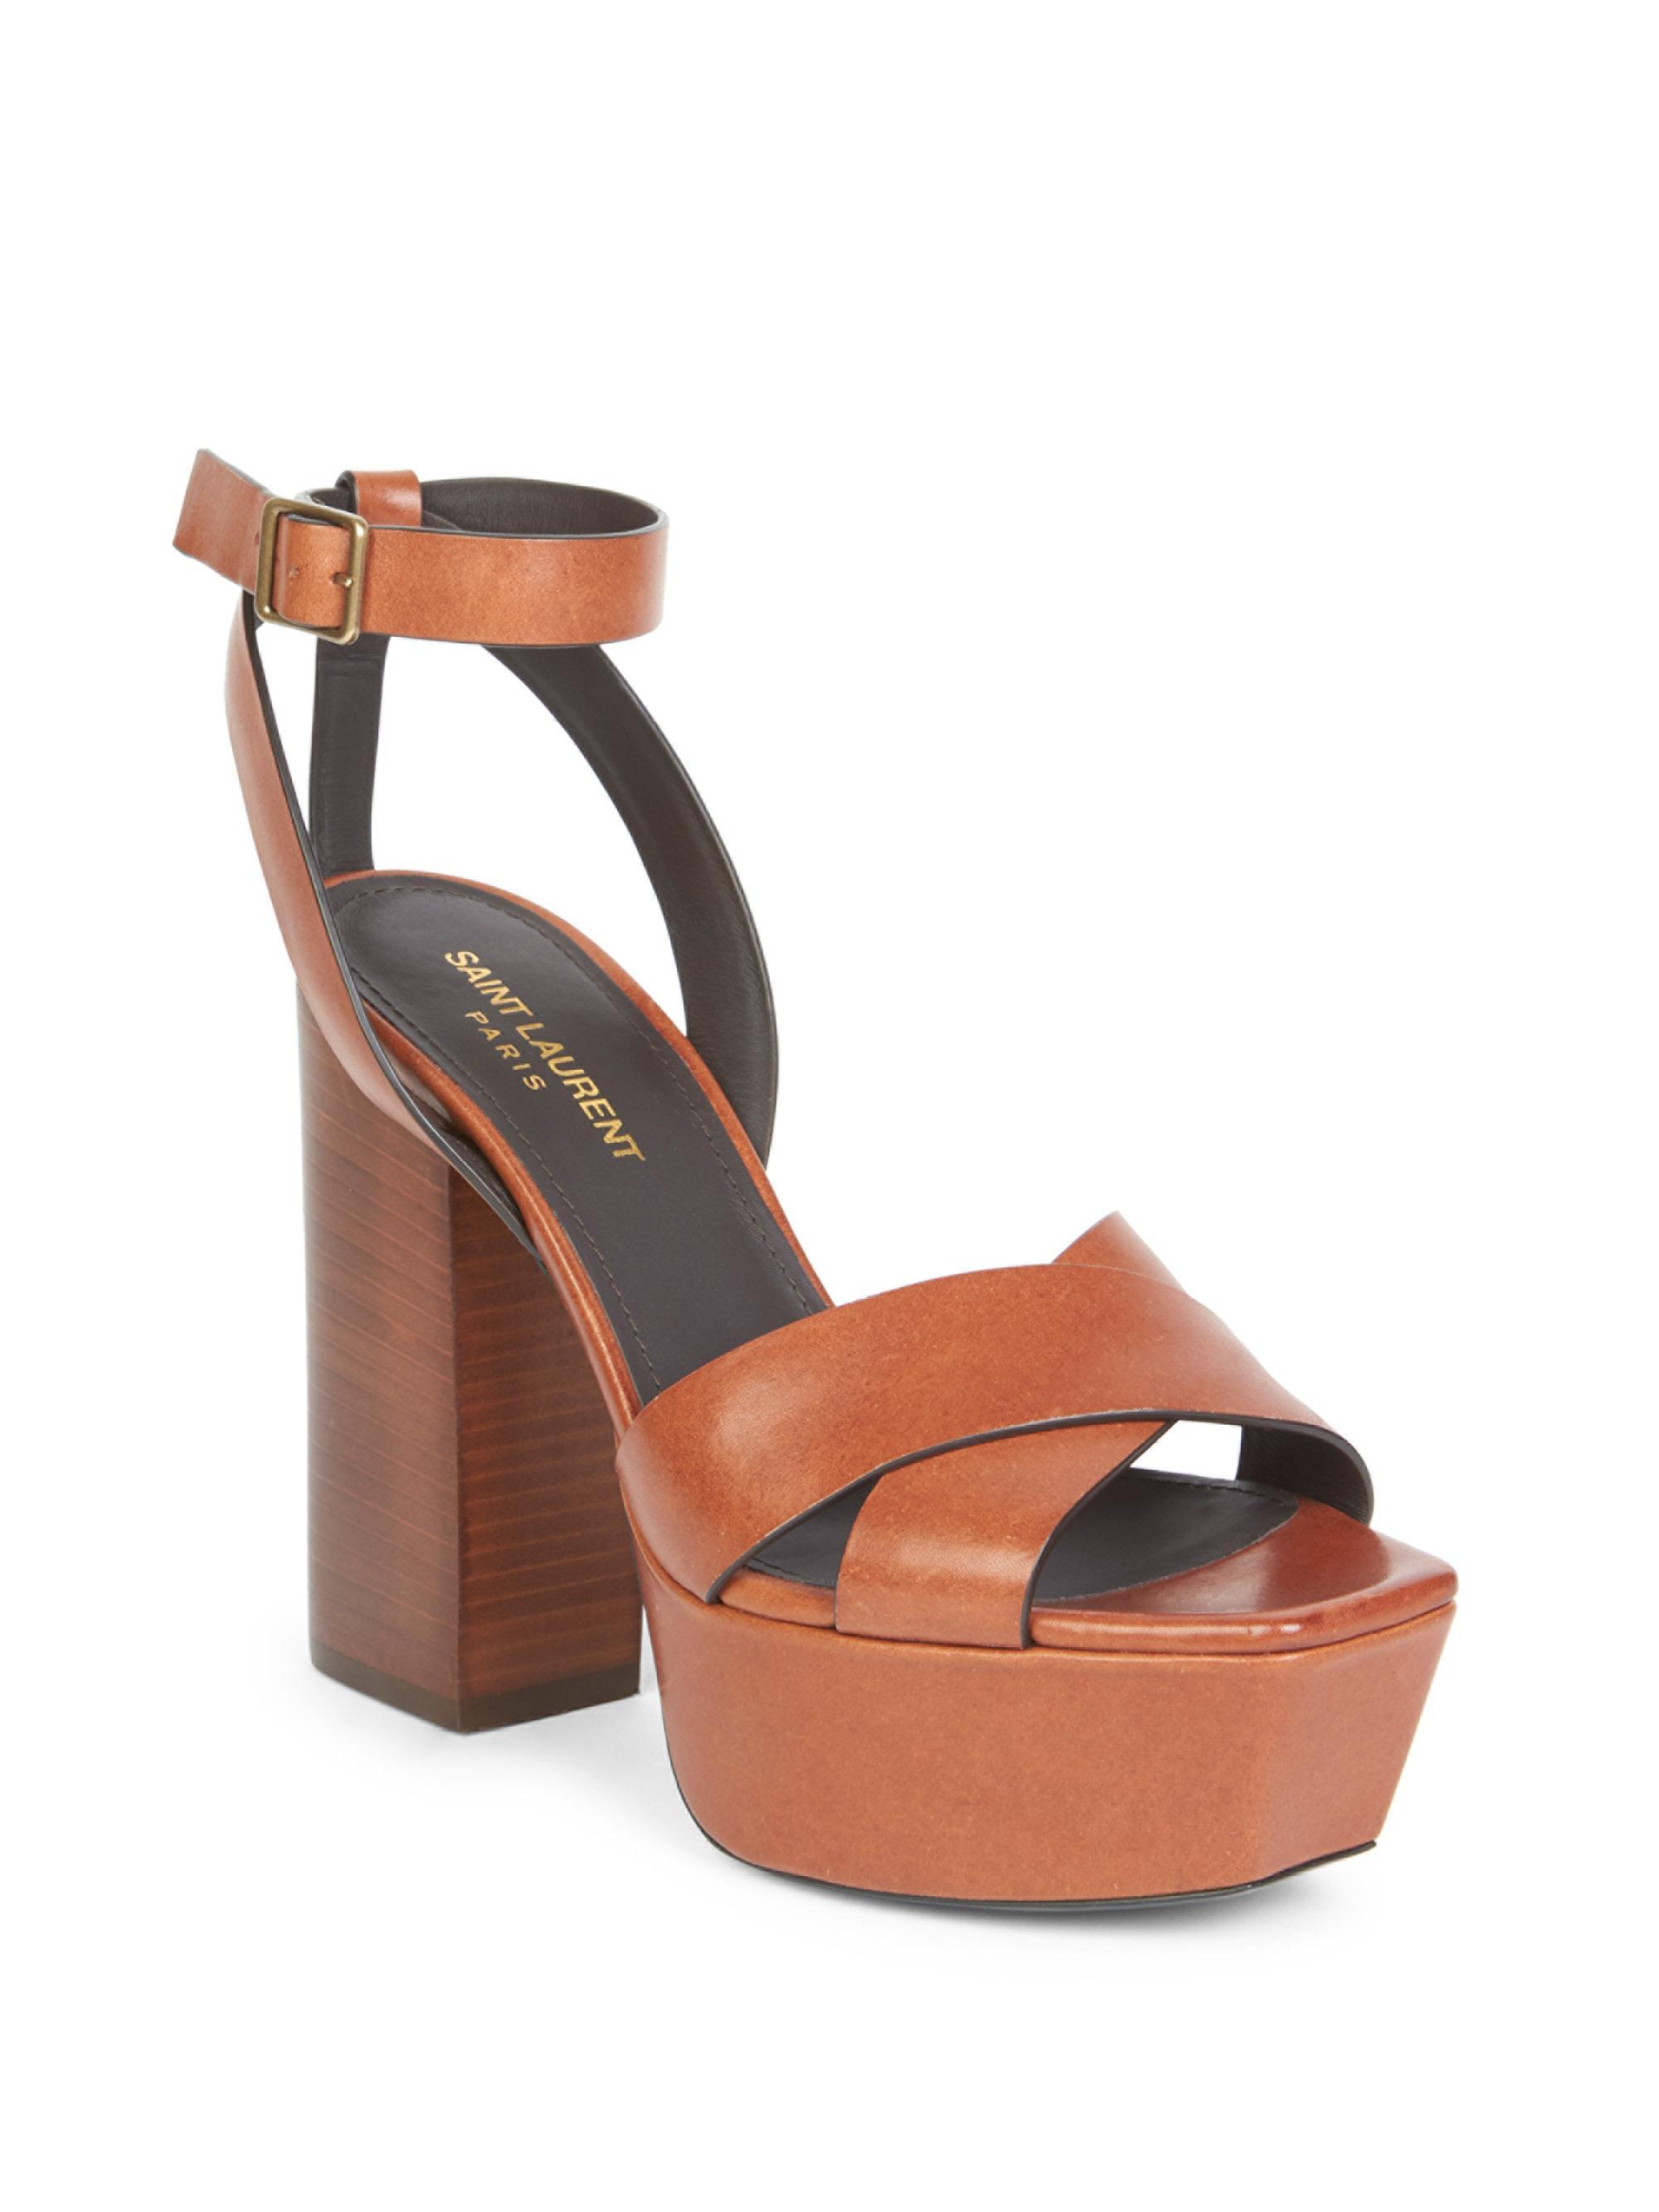 0fad5d37132 Saint Laurent Women s Farrah Ankle-strap Leather Platform Sandals ...